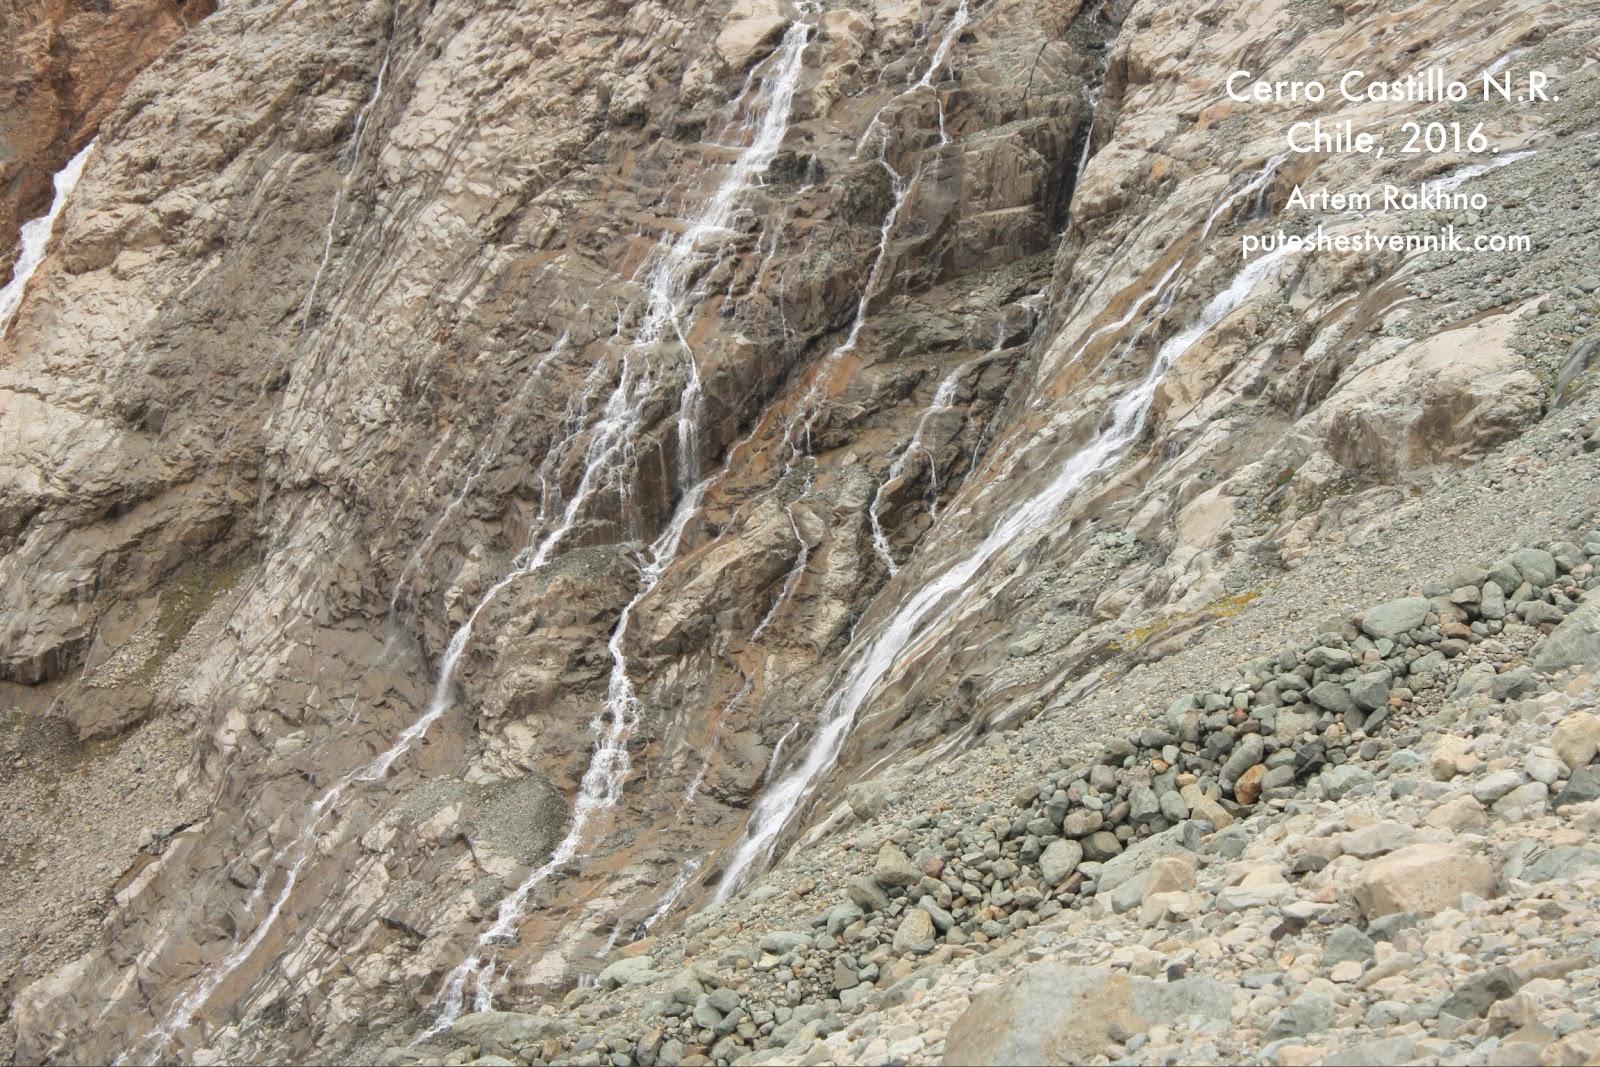 Потоки воды в горах